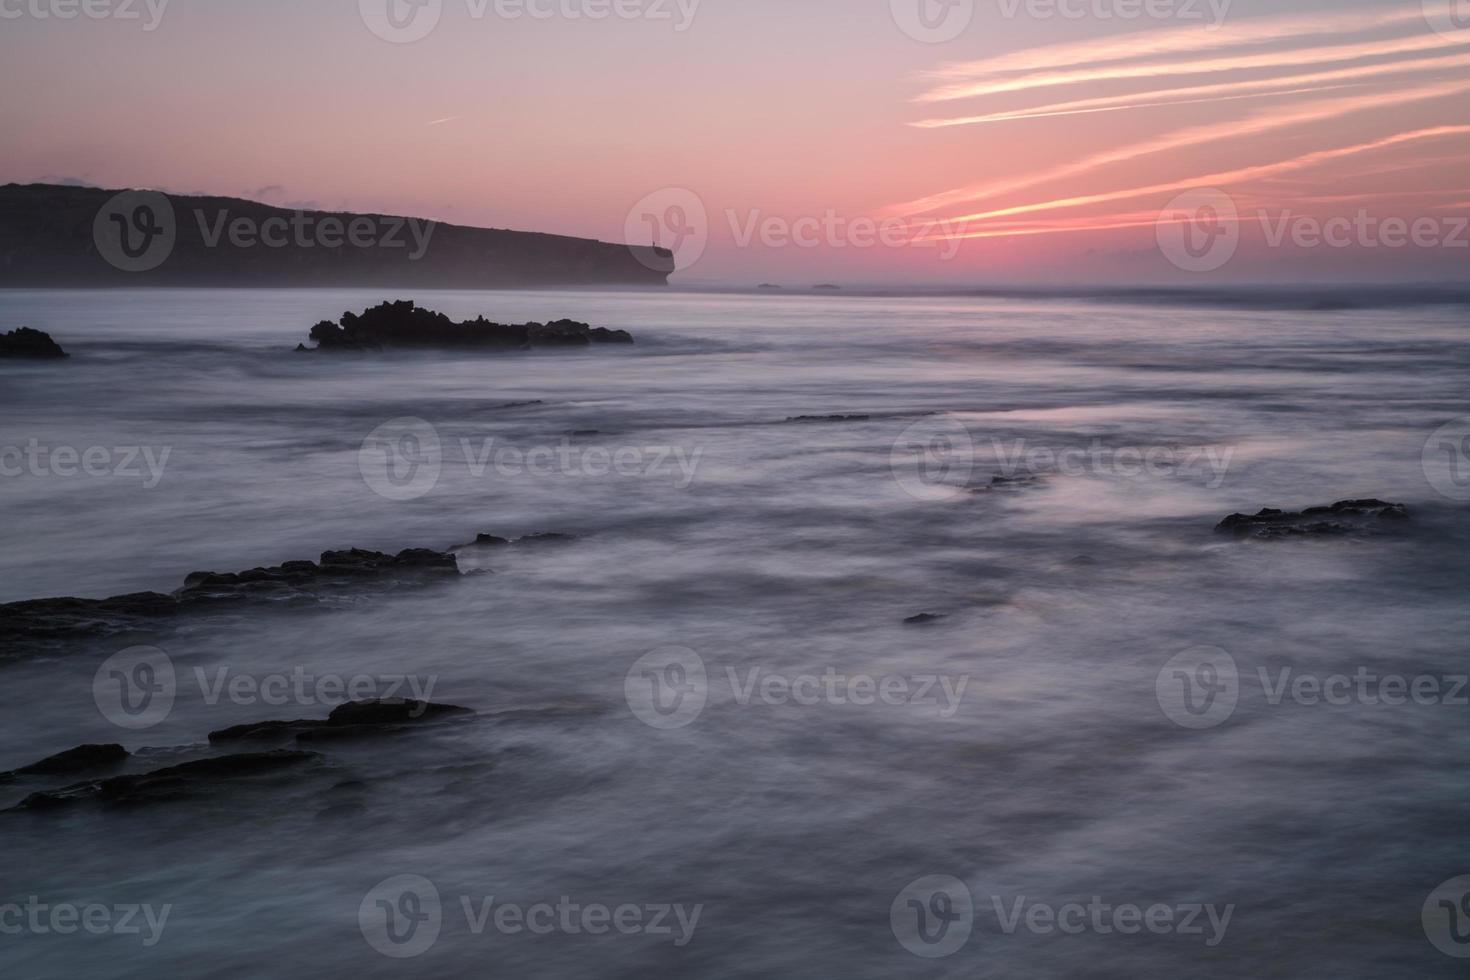 geweldig zeegezicht en rotsen in het water wazig. foto